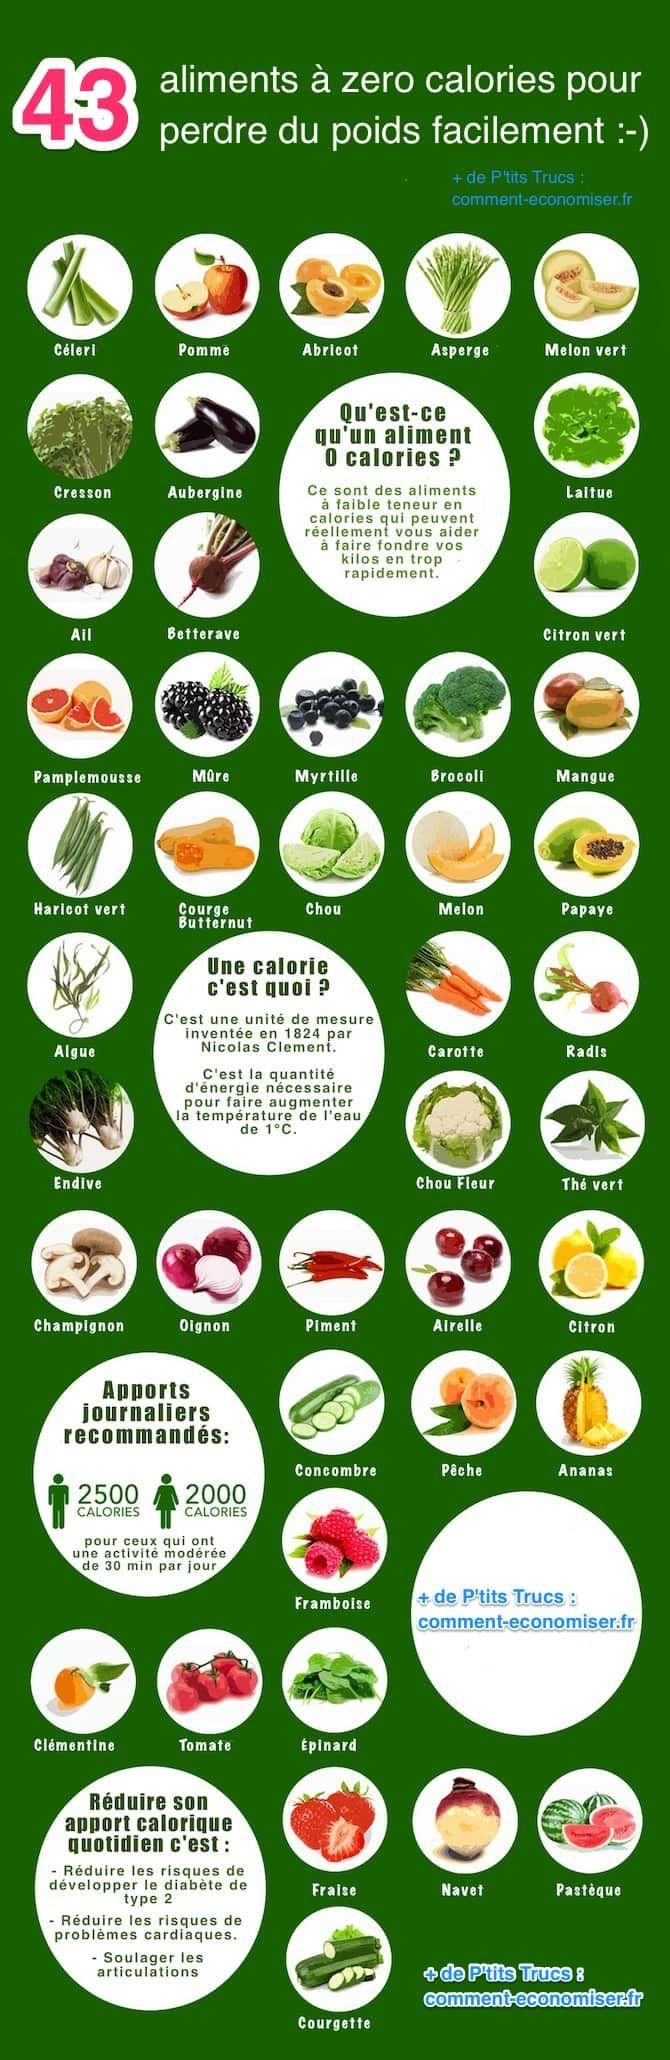 """Les aliments dits à """"0 calorie"""" sont ceux qui contiennent un apport calorique très bas tout en ayant des niveaux élevés d'éléments nutritifs pour votre corps. Les fruits et légumes de cette liste ont le gros avantage de remplir votre estomac longtemps sans laisser une sensation de faim."""